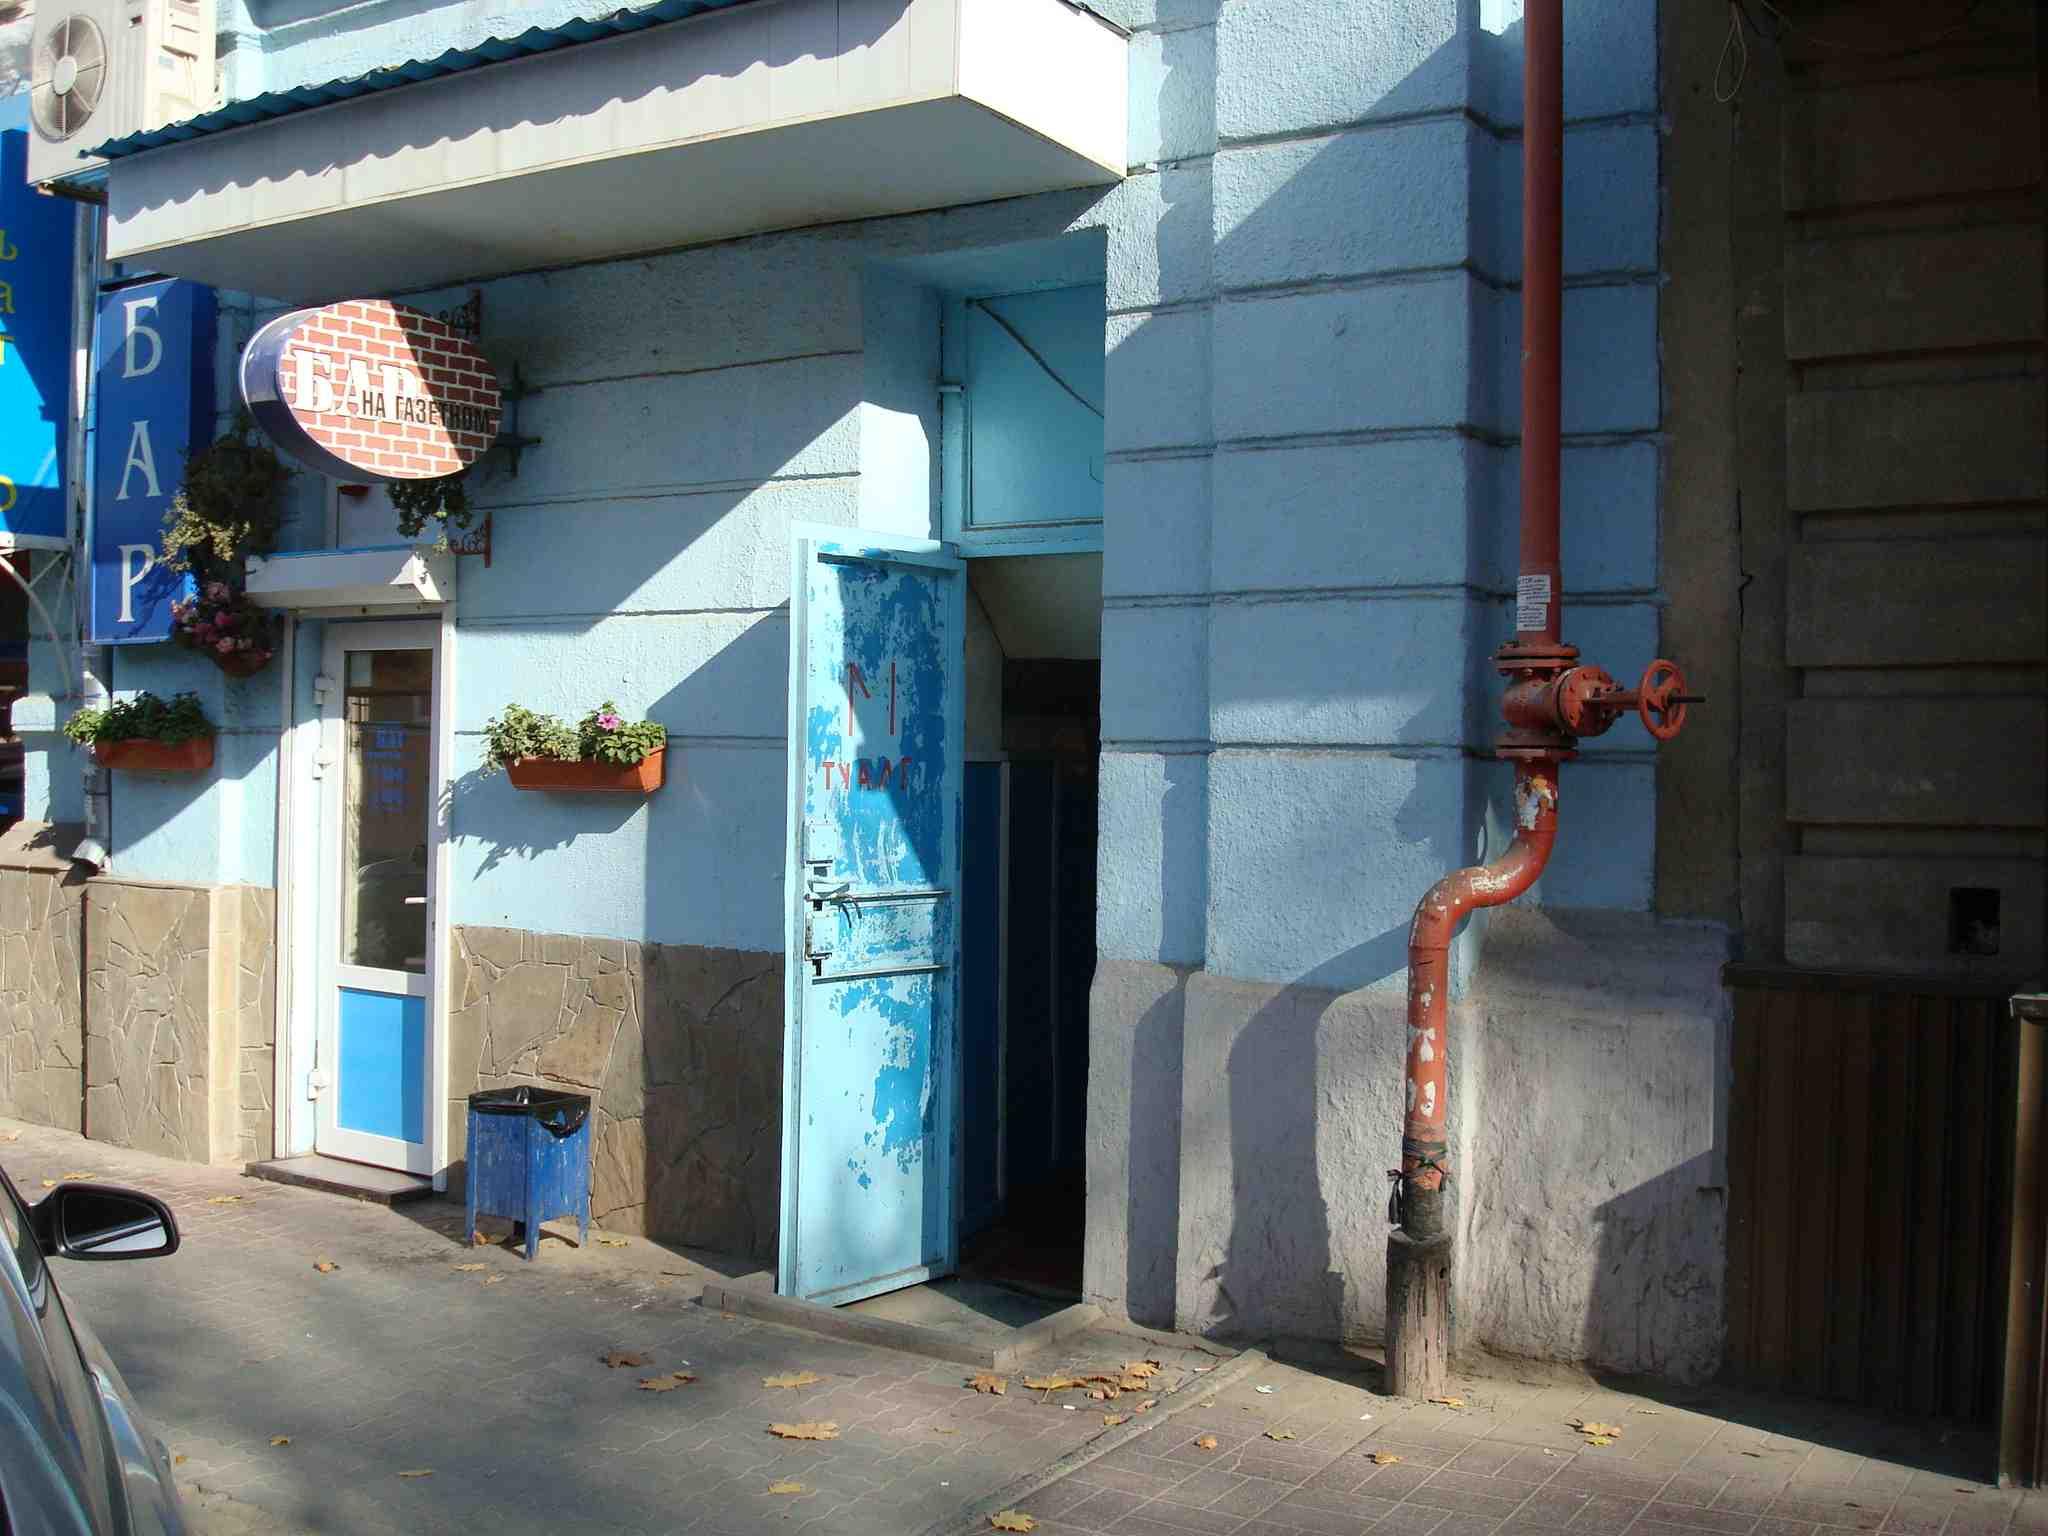 http://dic.academic.ru/pictures/wiki/files/84/Tualet_Gazetn.jpg